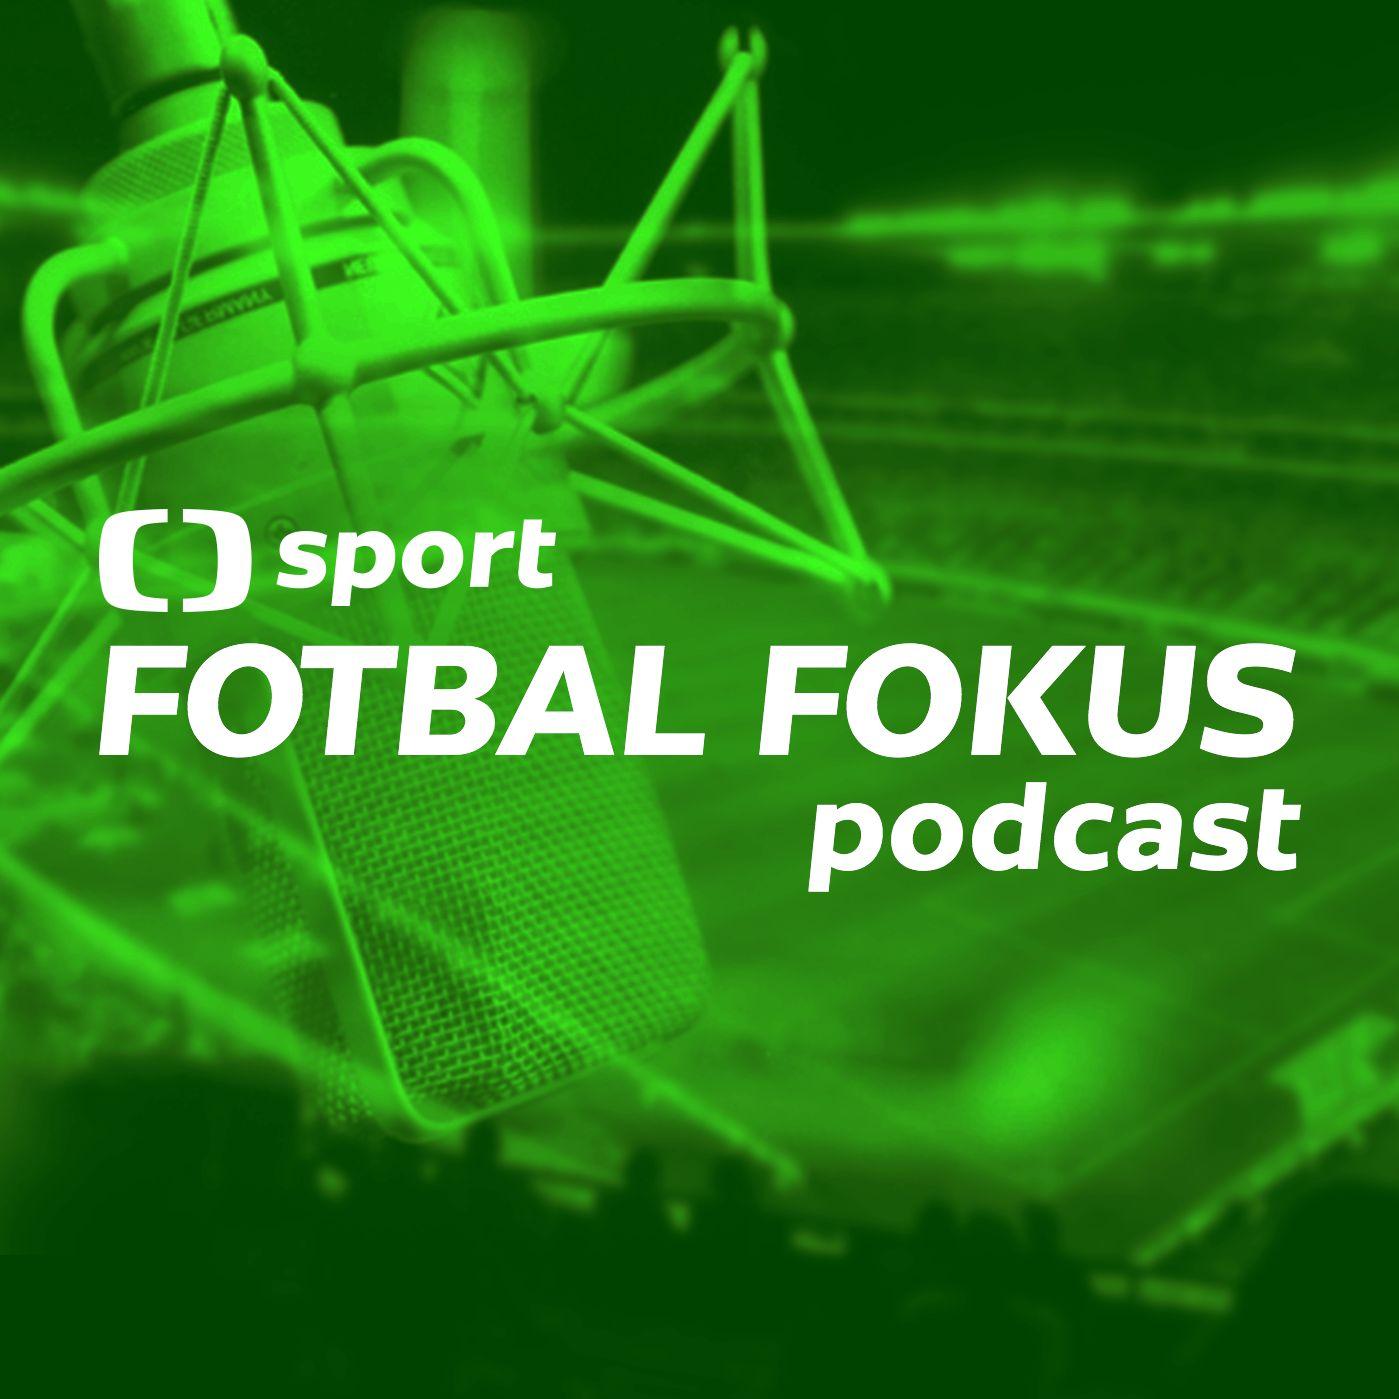 Fotbal fokus podcast: Kam by měl po konci v Liberci zamířit trenér Holoubek?